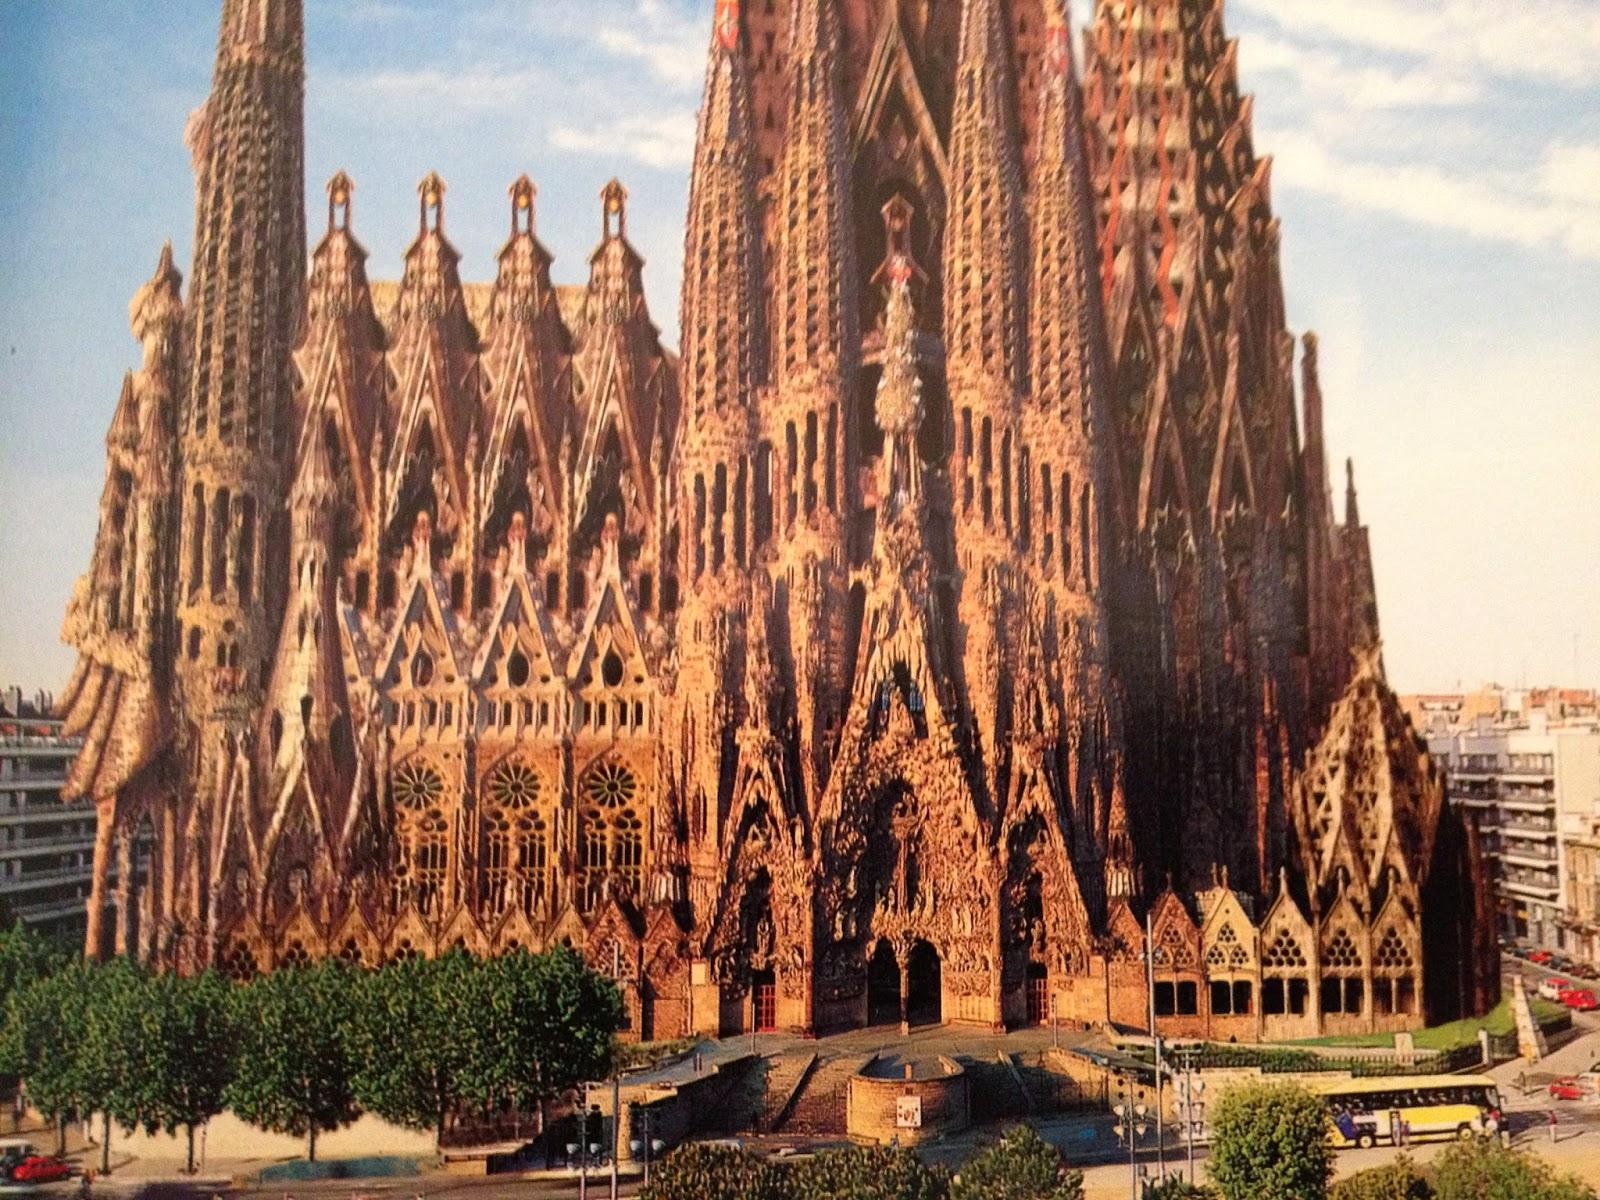 Eugene ray architect antonio gaudi architect for Gaudi kathedrale barcelona